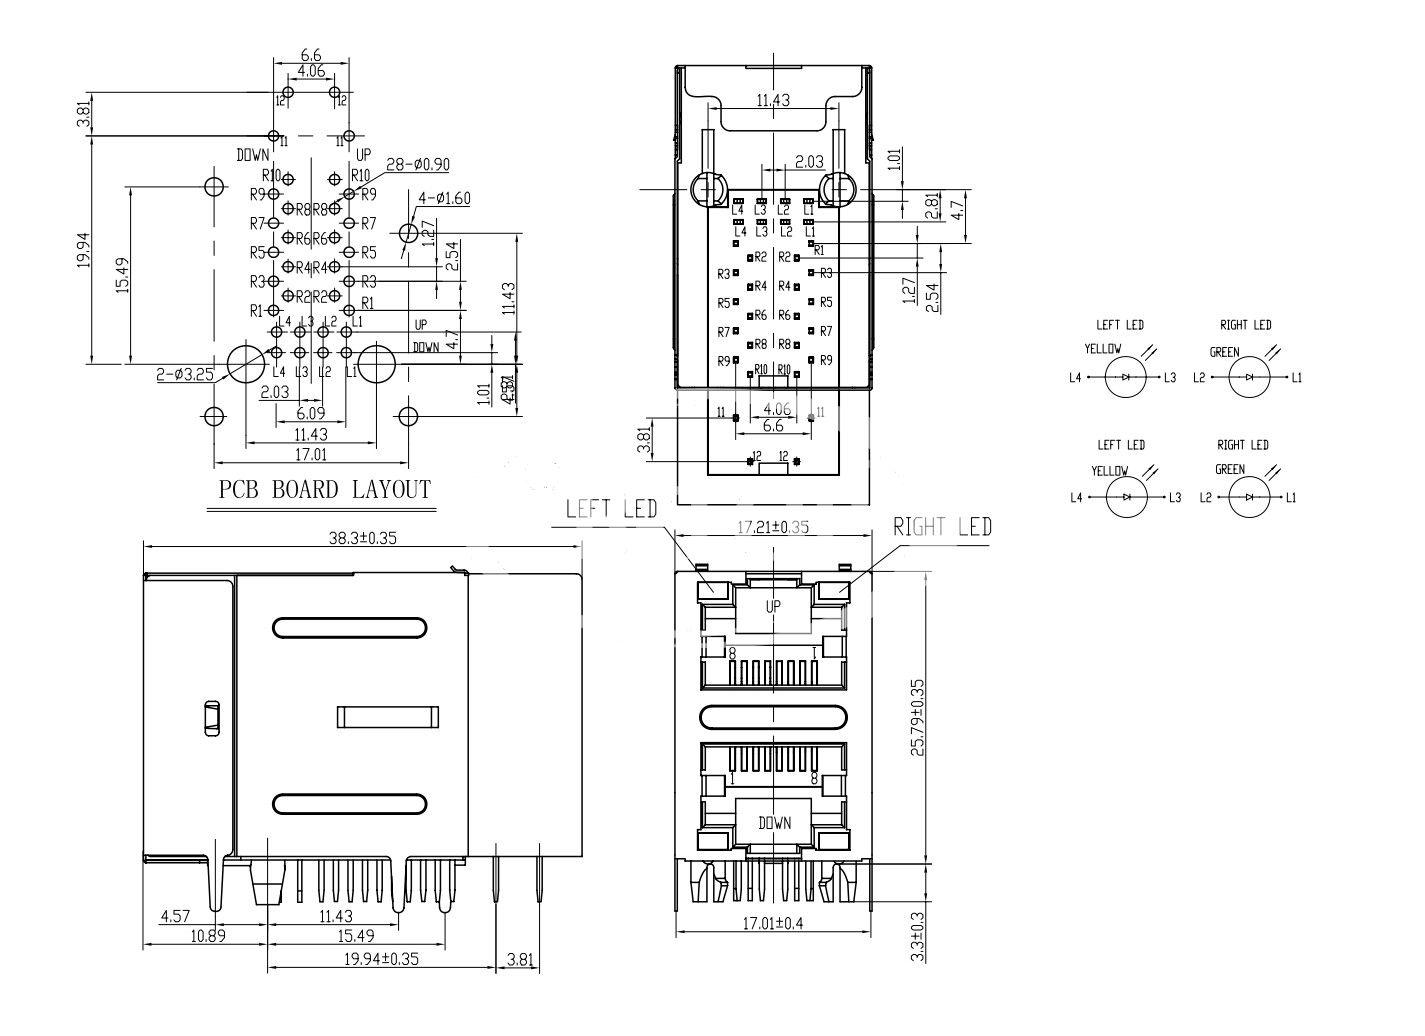 home network schematic